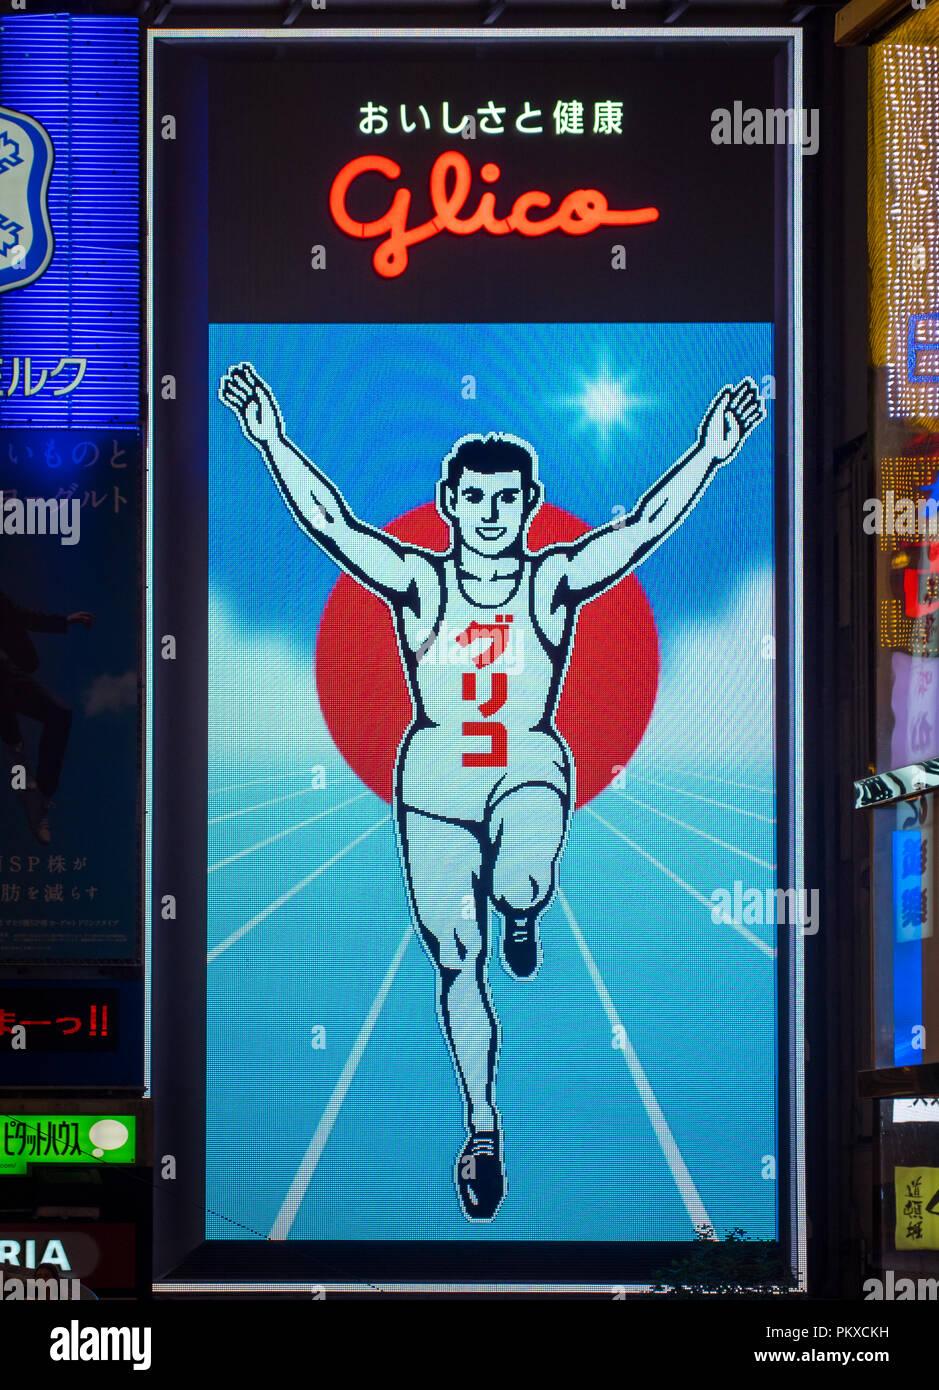 Il lit colorato cartelli stradali (Billboard), tra cui il famoso uomo Glico e Asahi Super Dry segni di Dotonbori nel quartiere Namba di Osaka, in Giappone. Immagini Stock